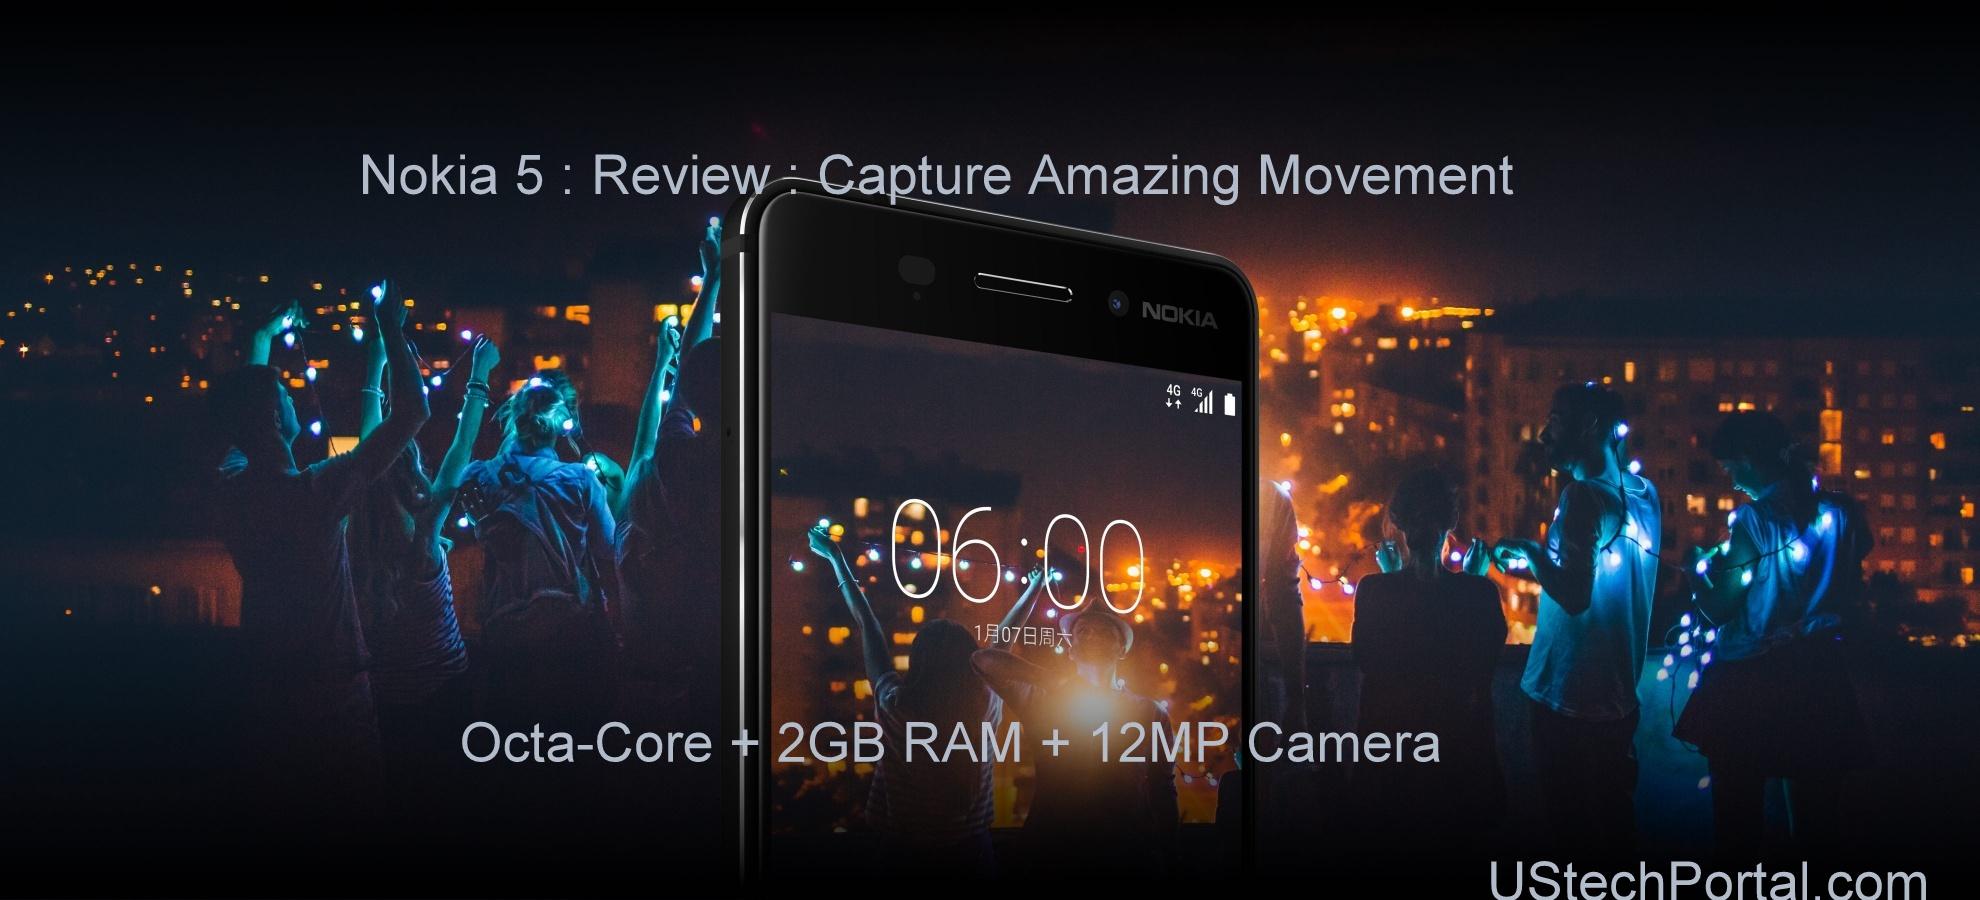 Nokia 5 Review : Advantages & Disadvantages | Problems